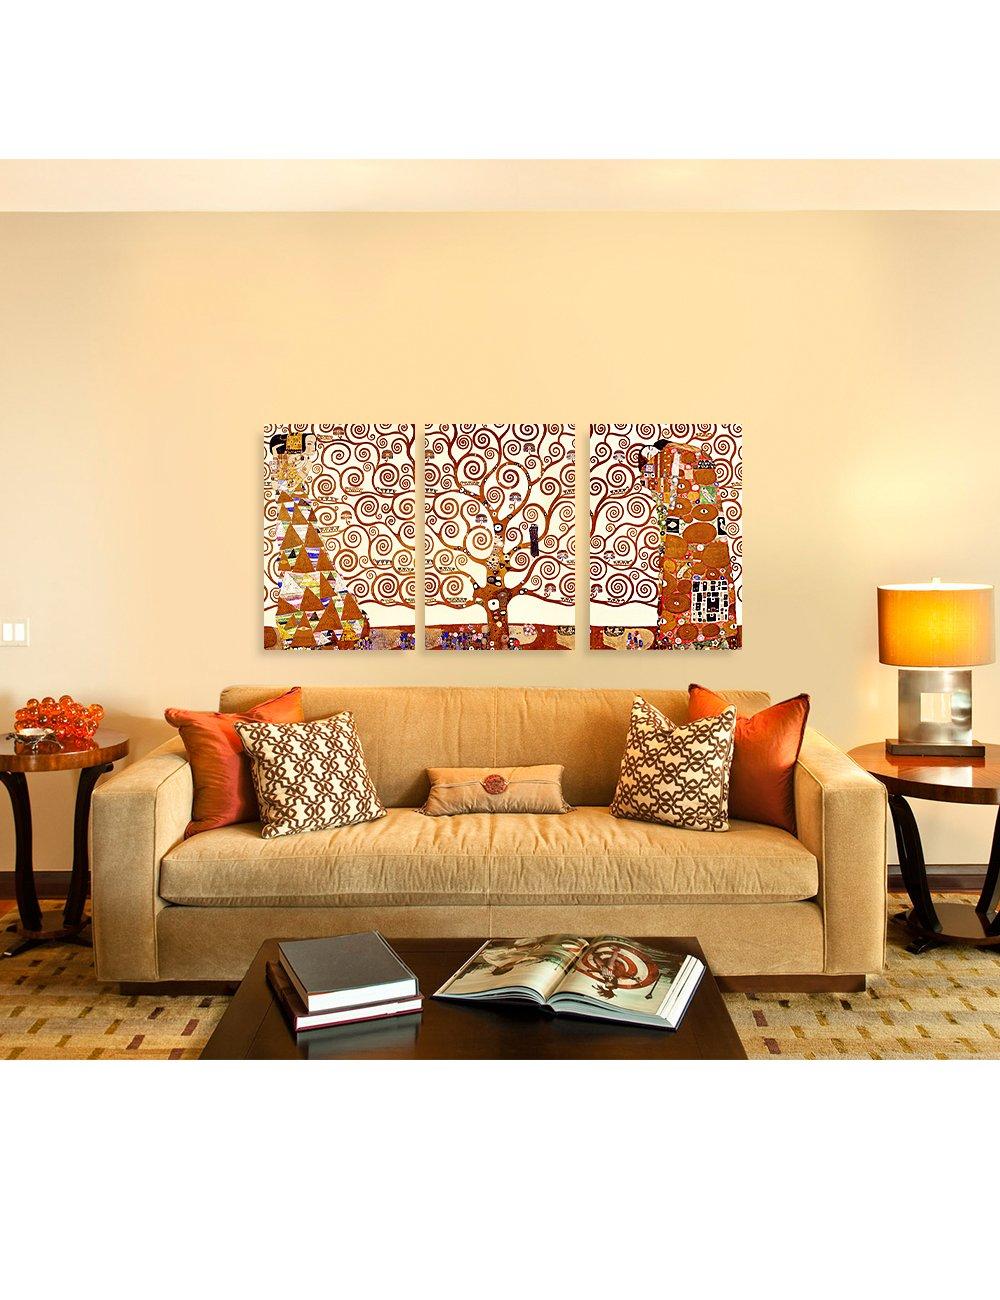 Amazon.com: DECORARTS The Tree of Life by Gustav Klimt (Triptych ...